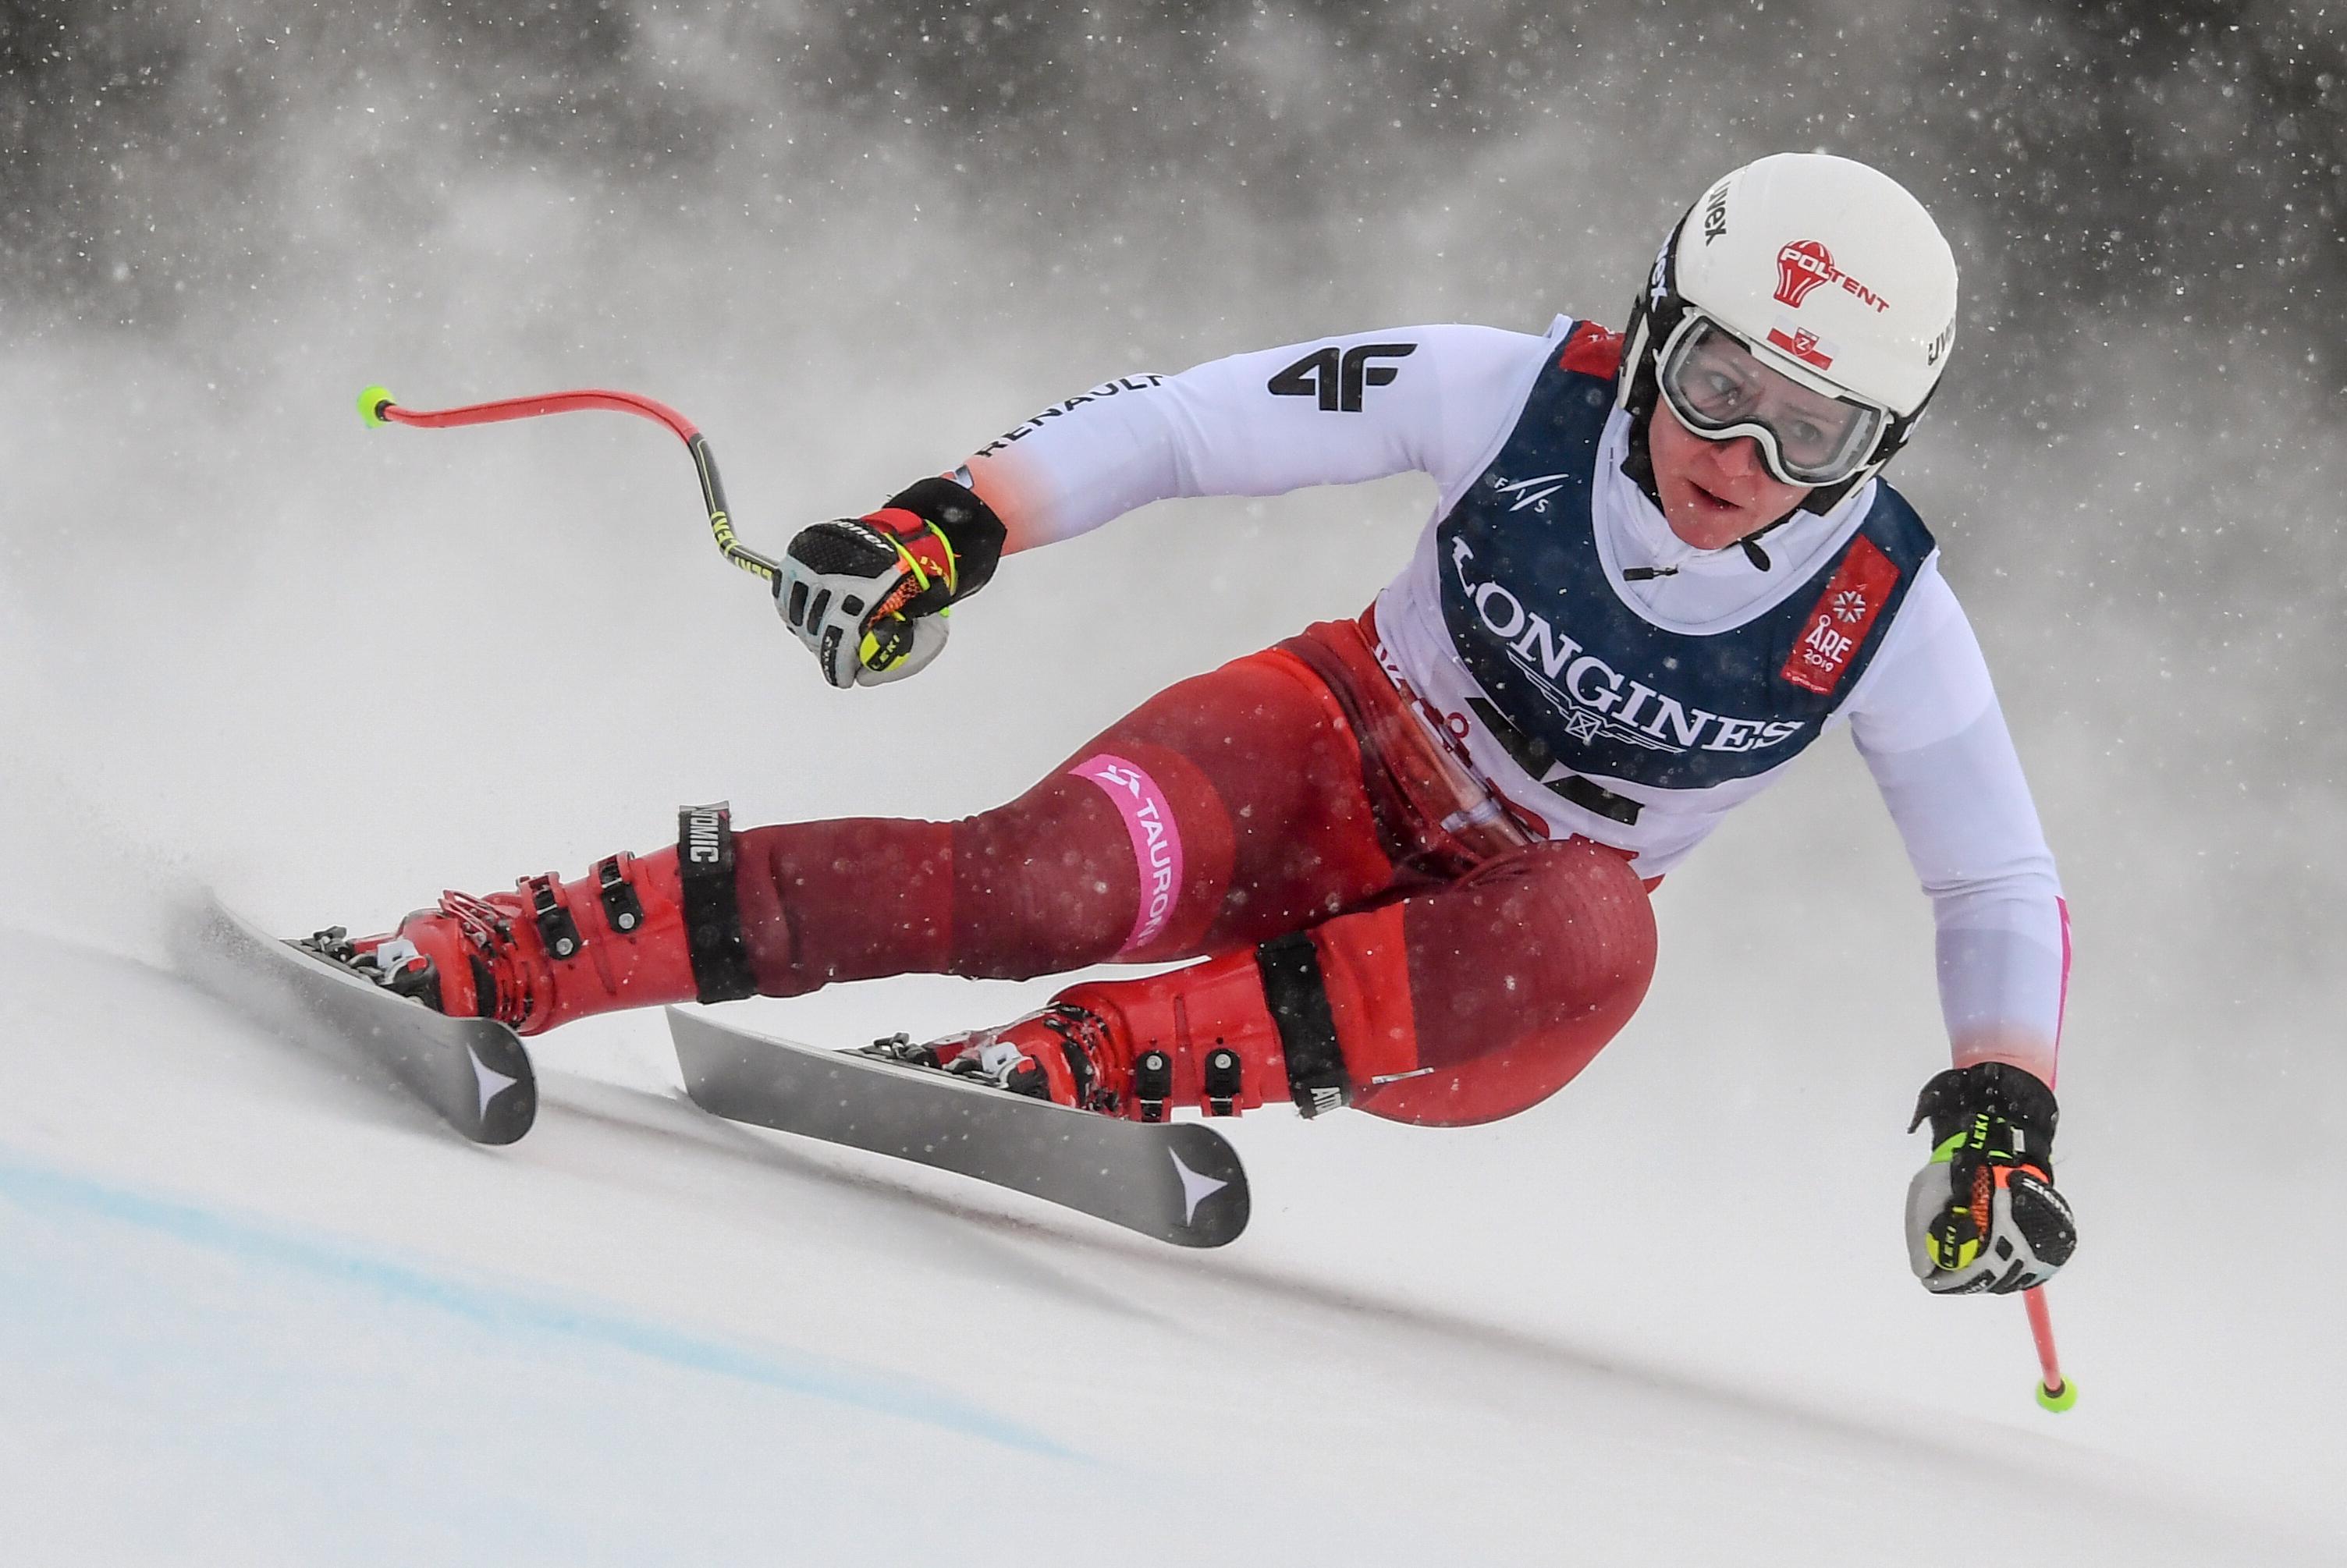 Narciarstwo alpejskie. Maryna Gąsienica Daniel wraca do